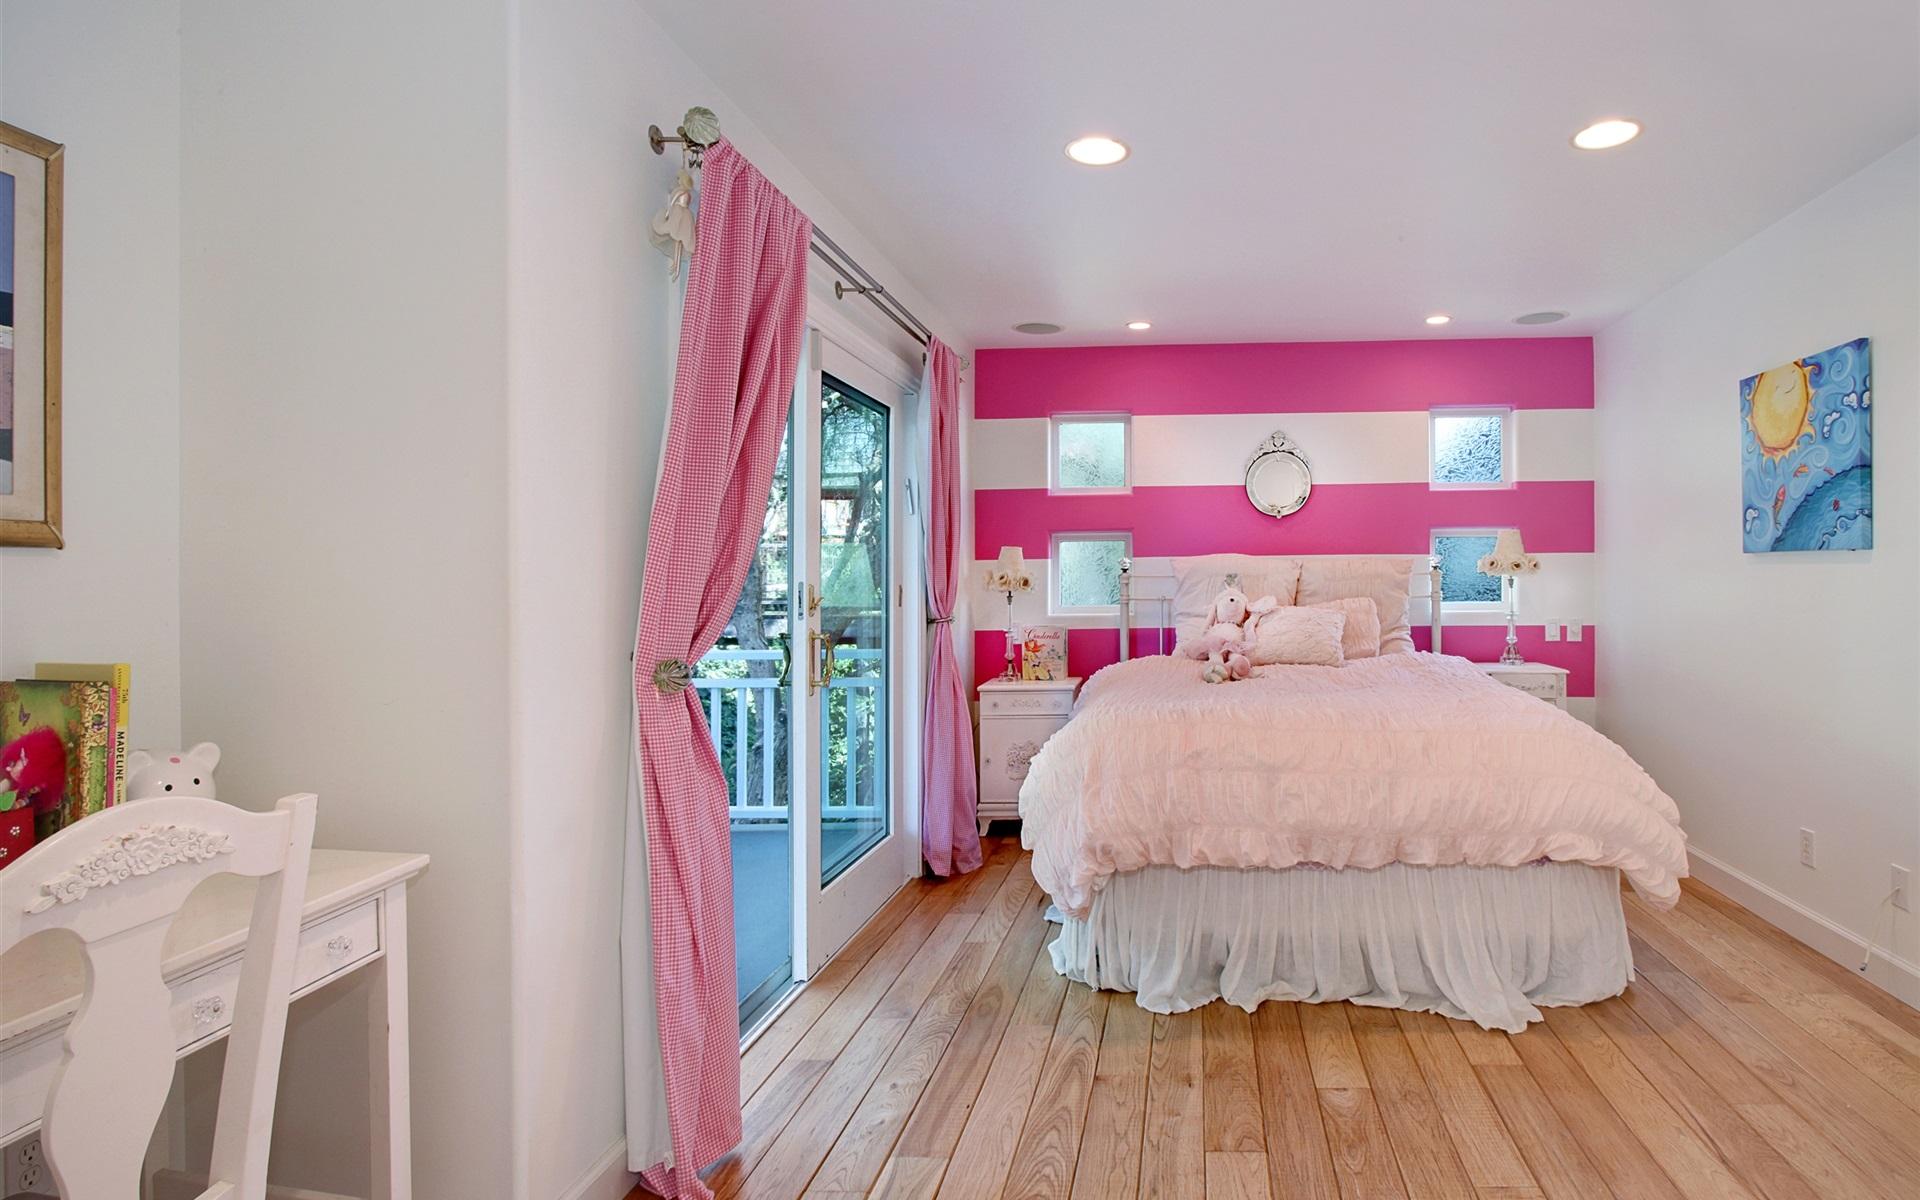 Download wallpaper 1920x1200 interior design bedroom bed for Interior design bedroom hd